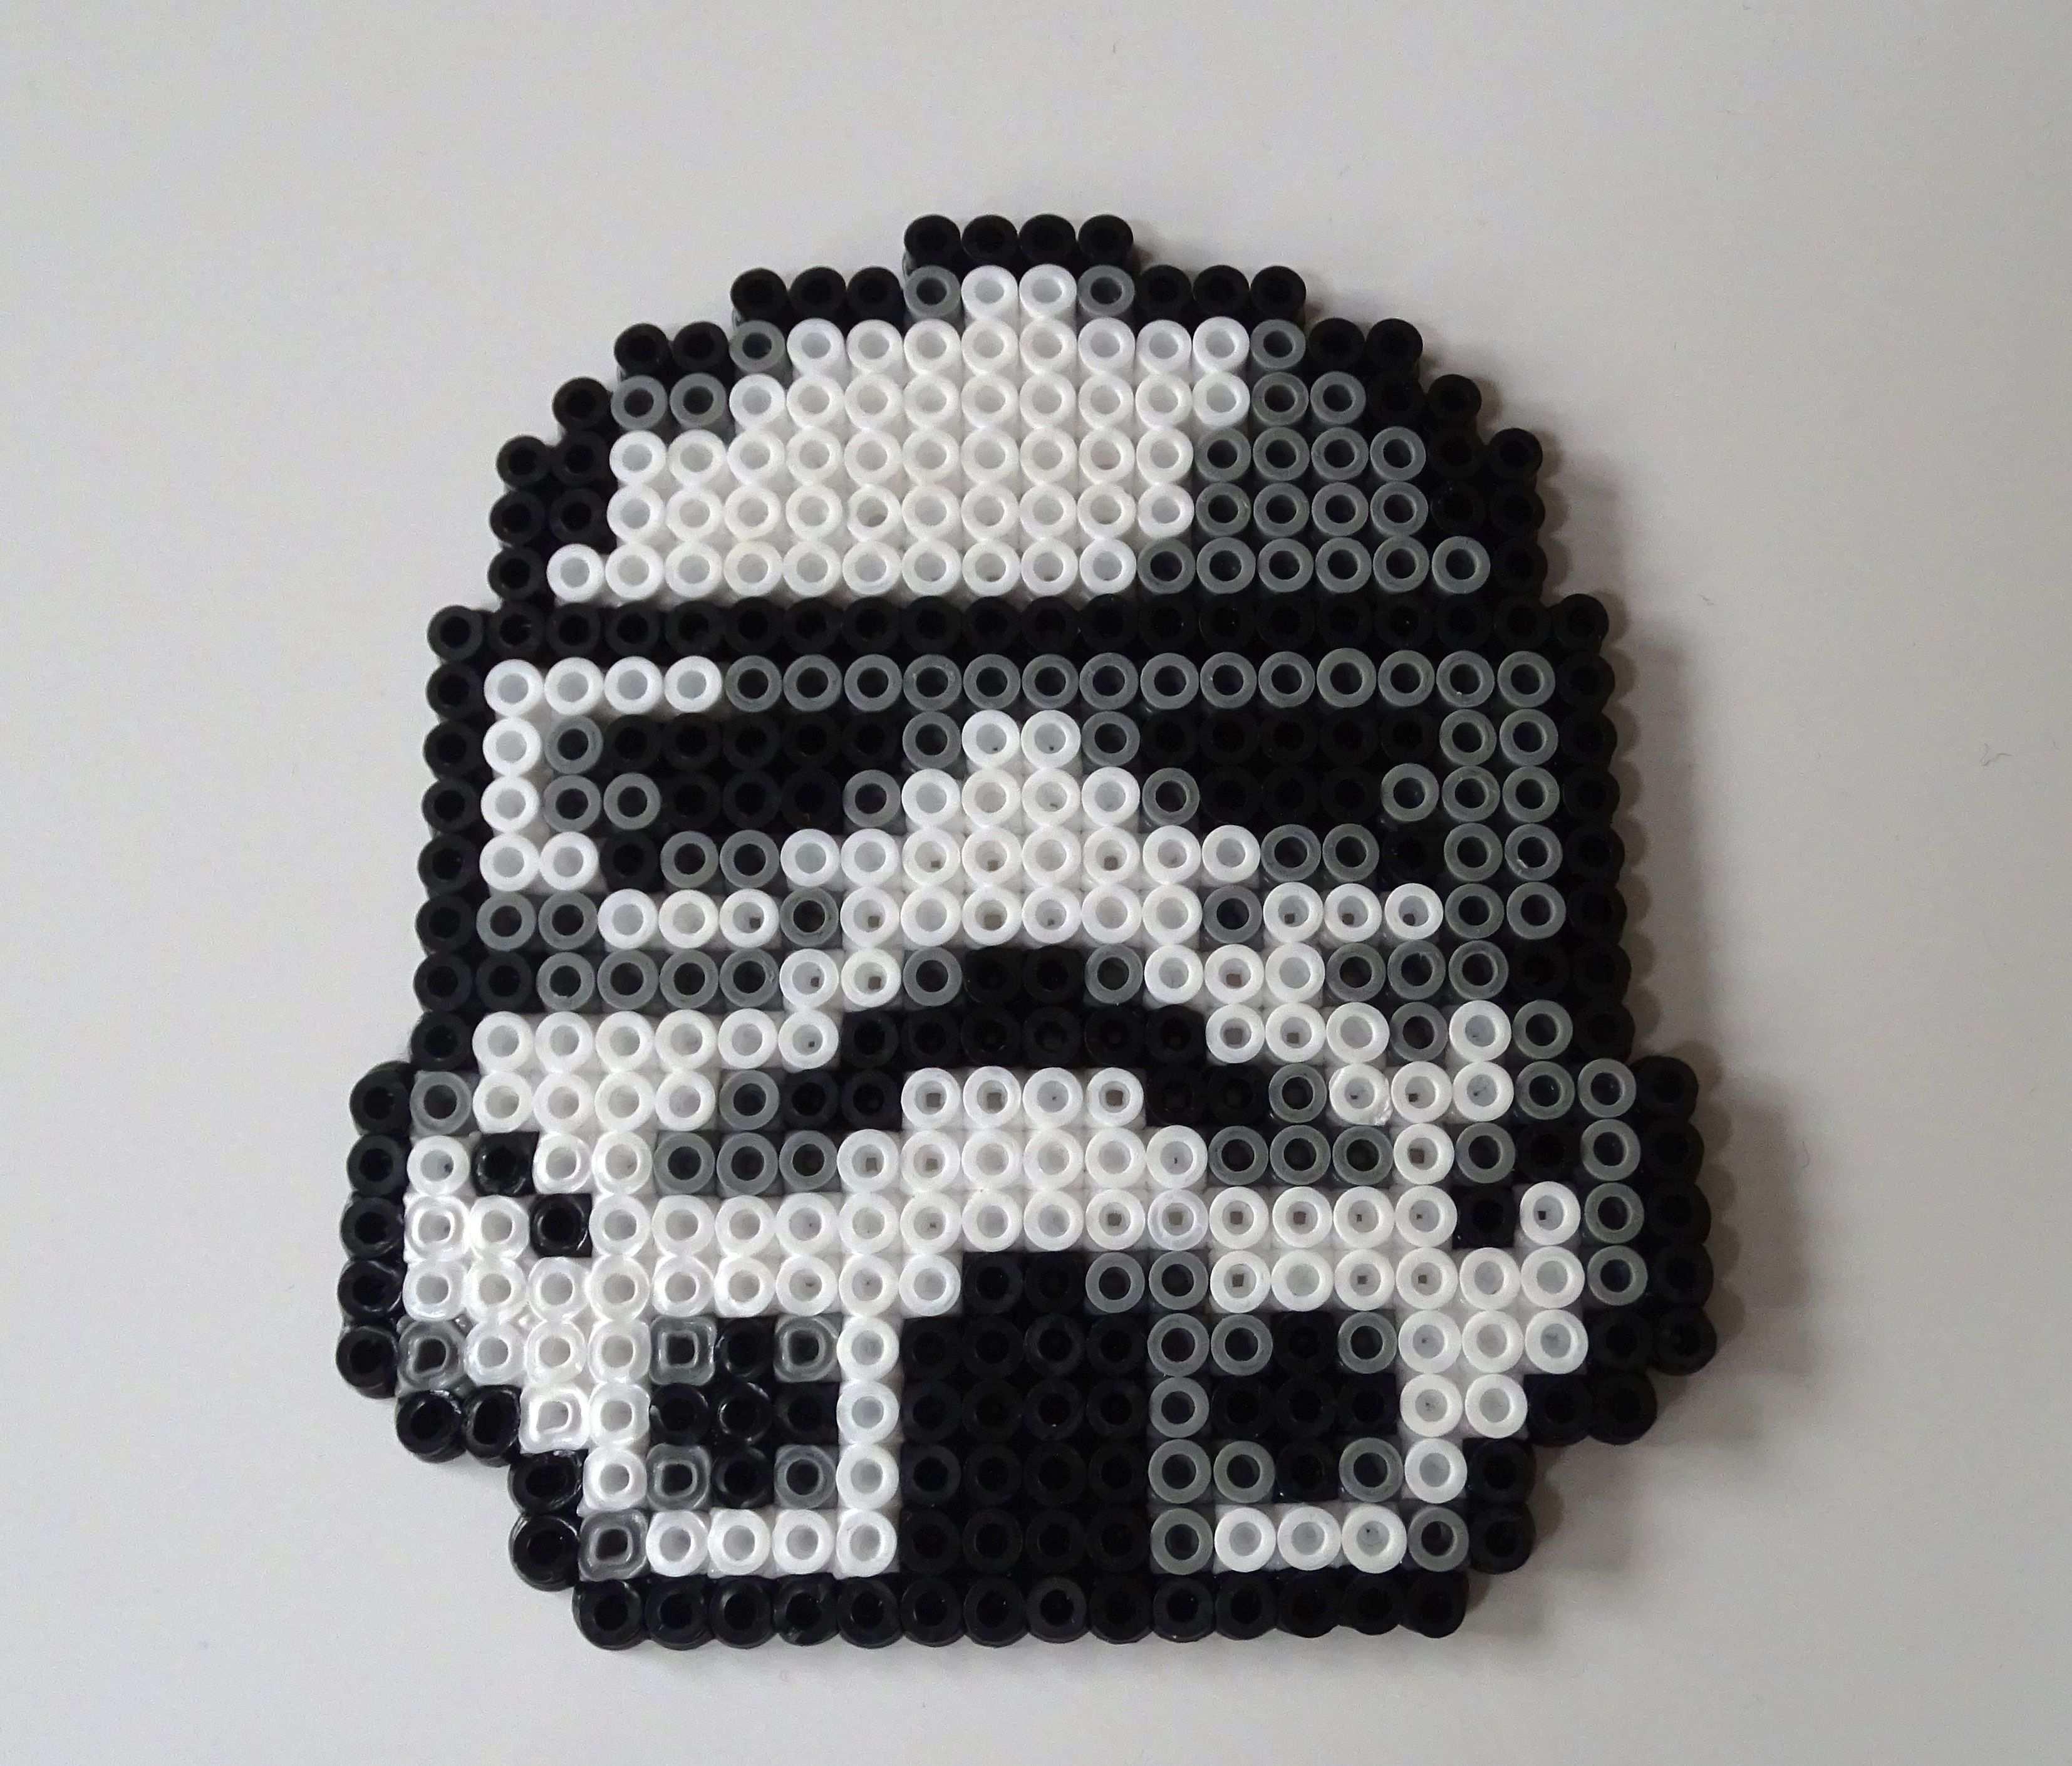 Starwars Stormtrooper Untersetzer Aus Bugelperlen Bugelperlen Bugelperlen Vorlagen Basteln Mit Kindern